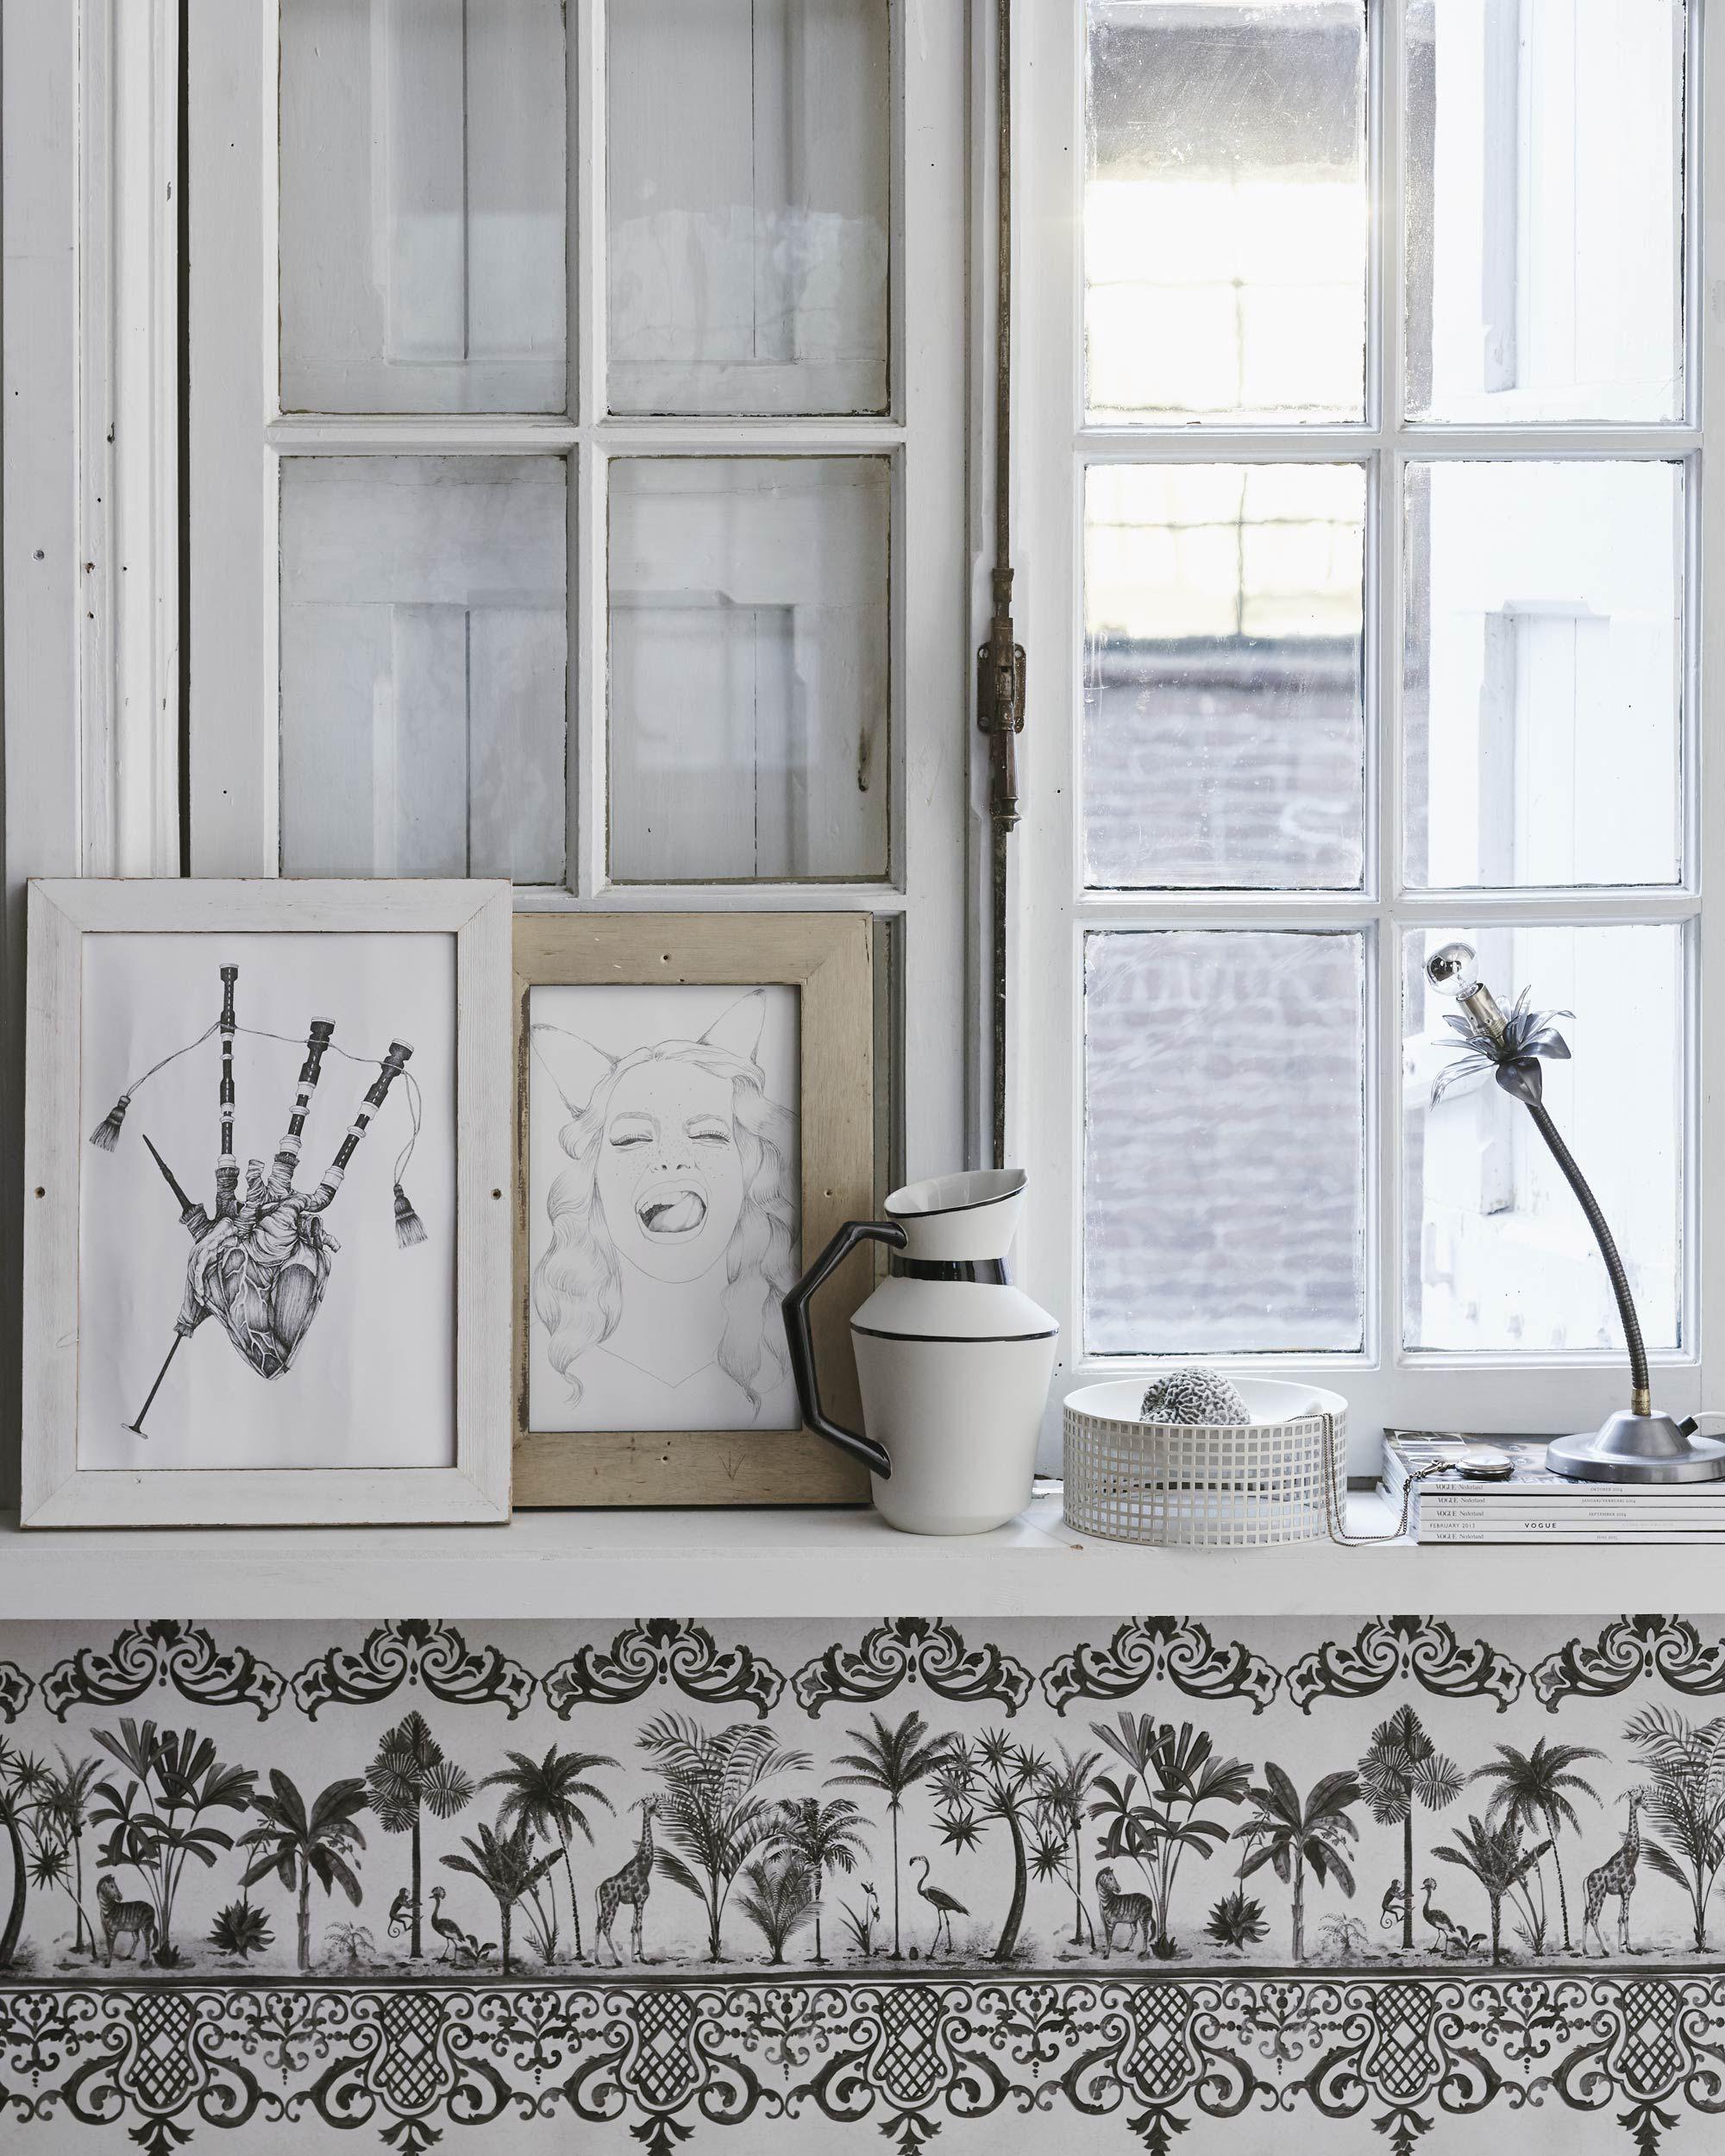 Vensterbank in een witte woonkamer met woonaccessoires | living room with a windowsill full of decorative items | Bron: vtwonen 13 2015 | Styling valerie van der werff | Fotografie jeroen van der spek